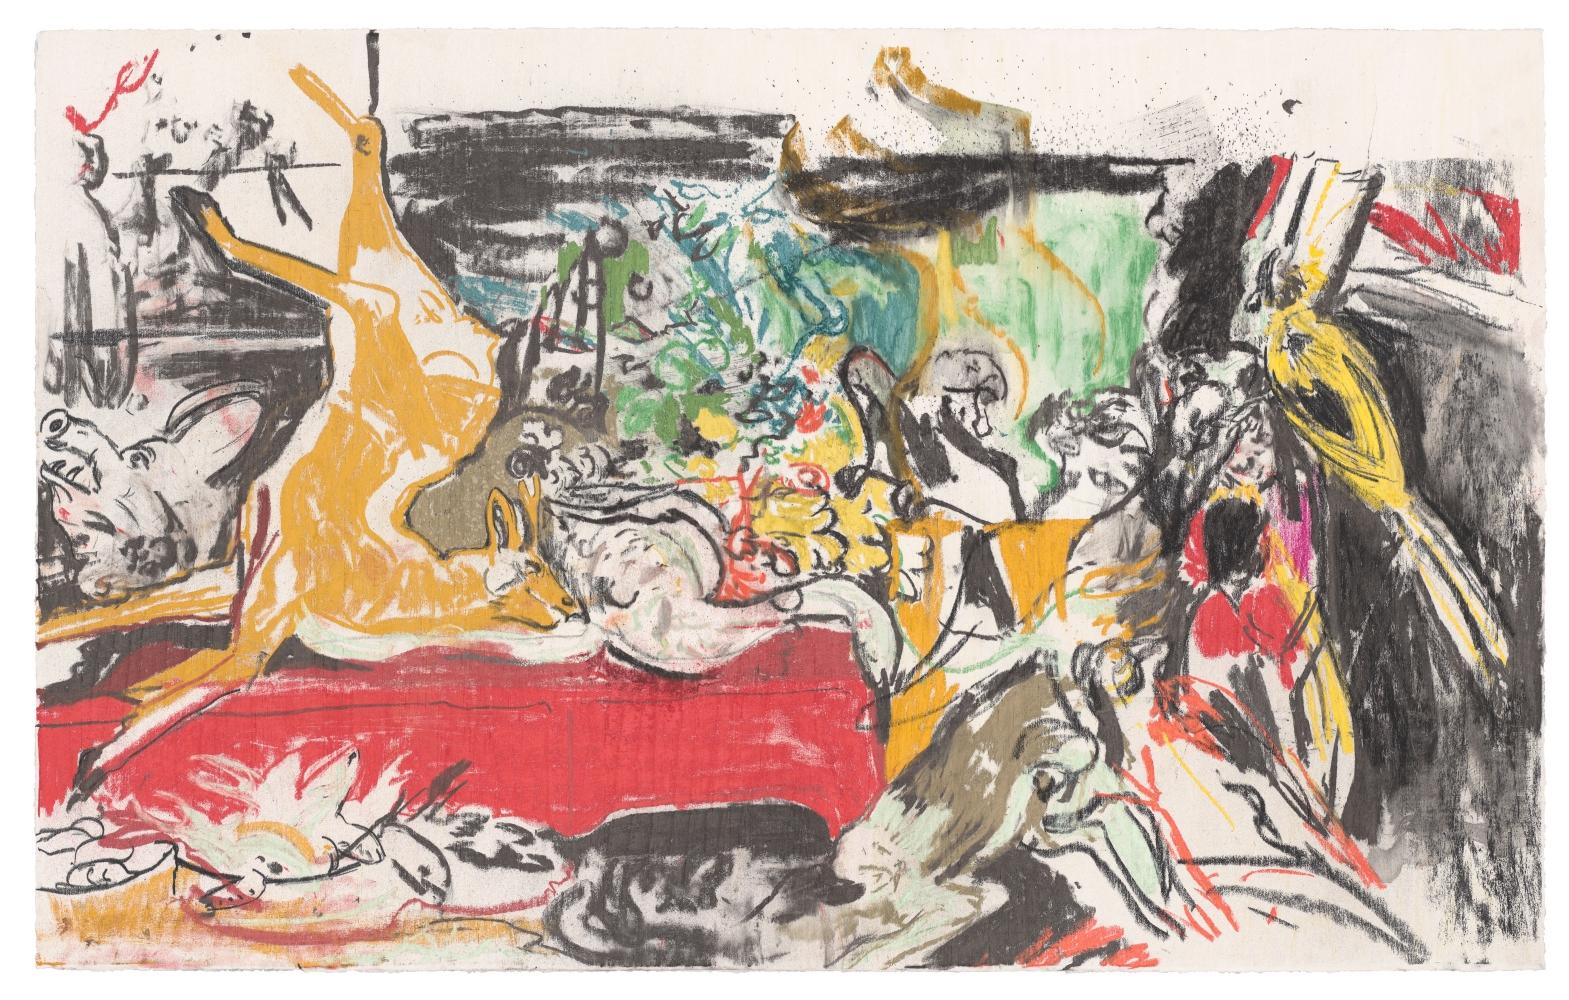 Untitled (Nature Morte after Frans Snyders), 2020